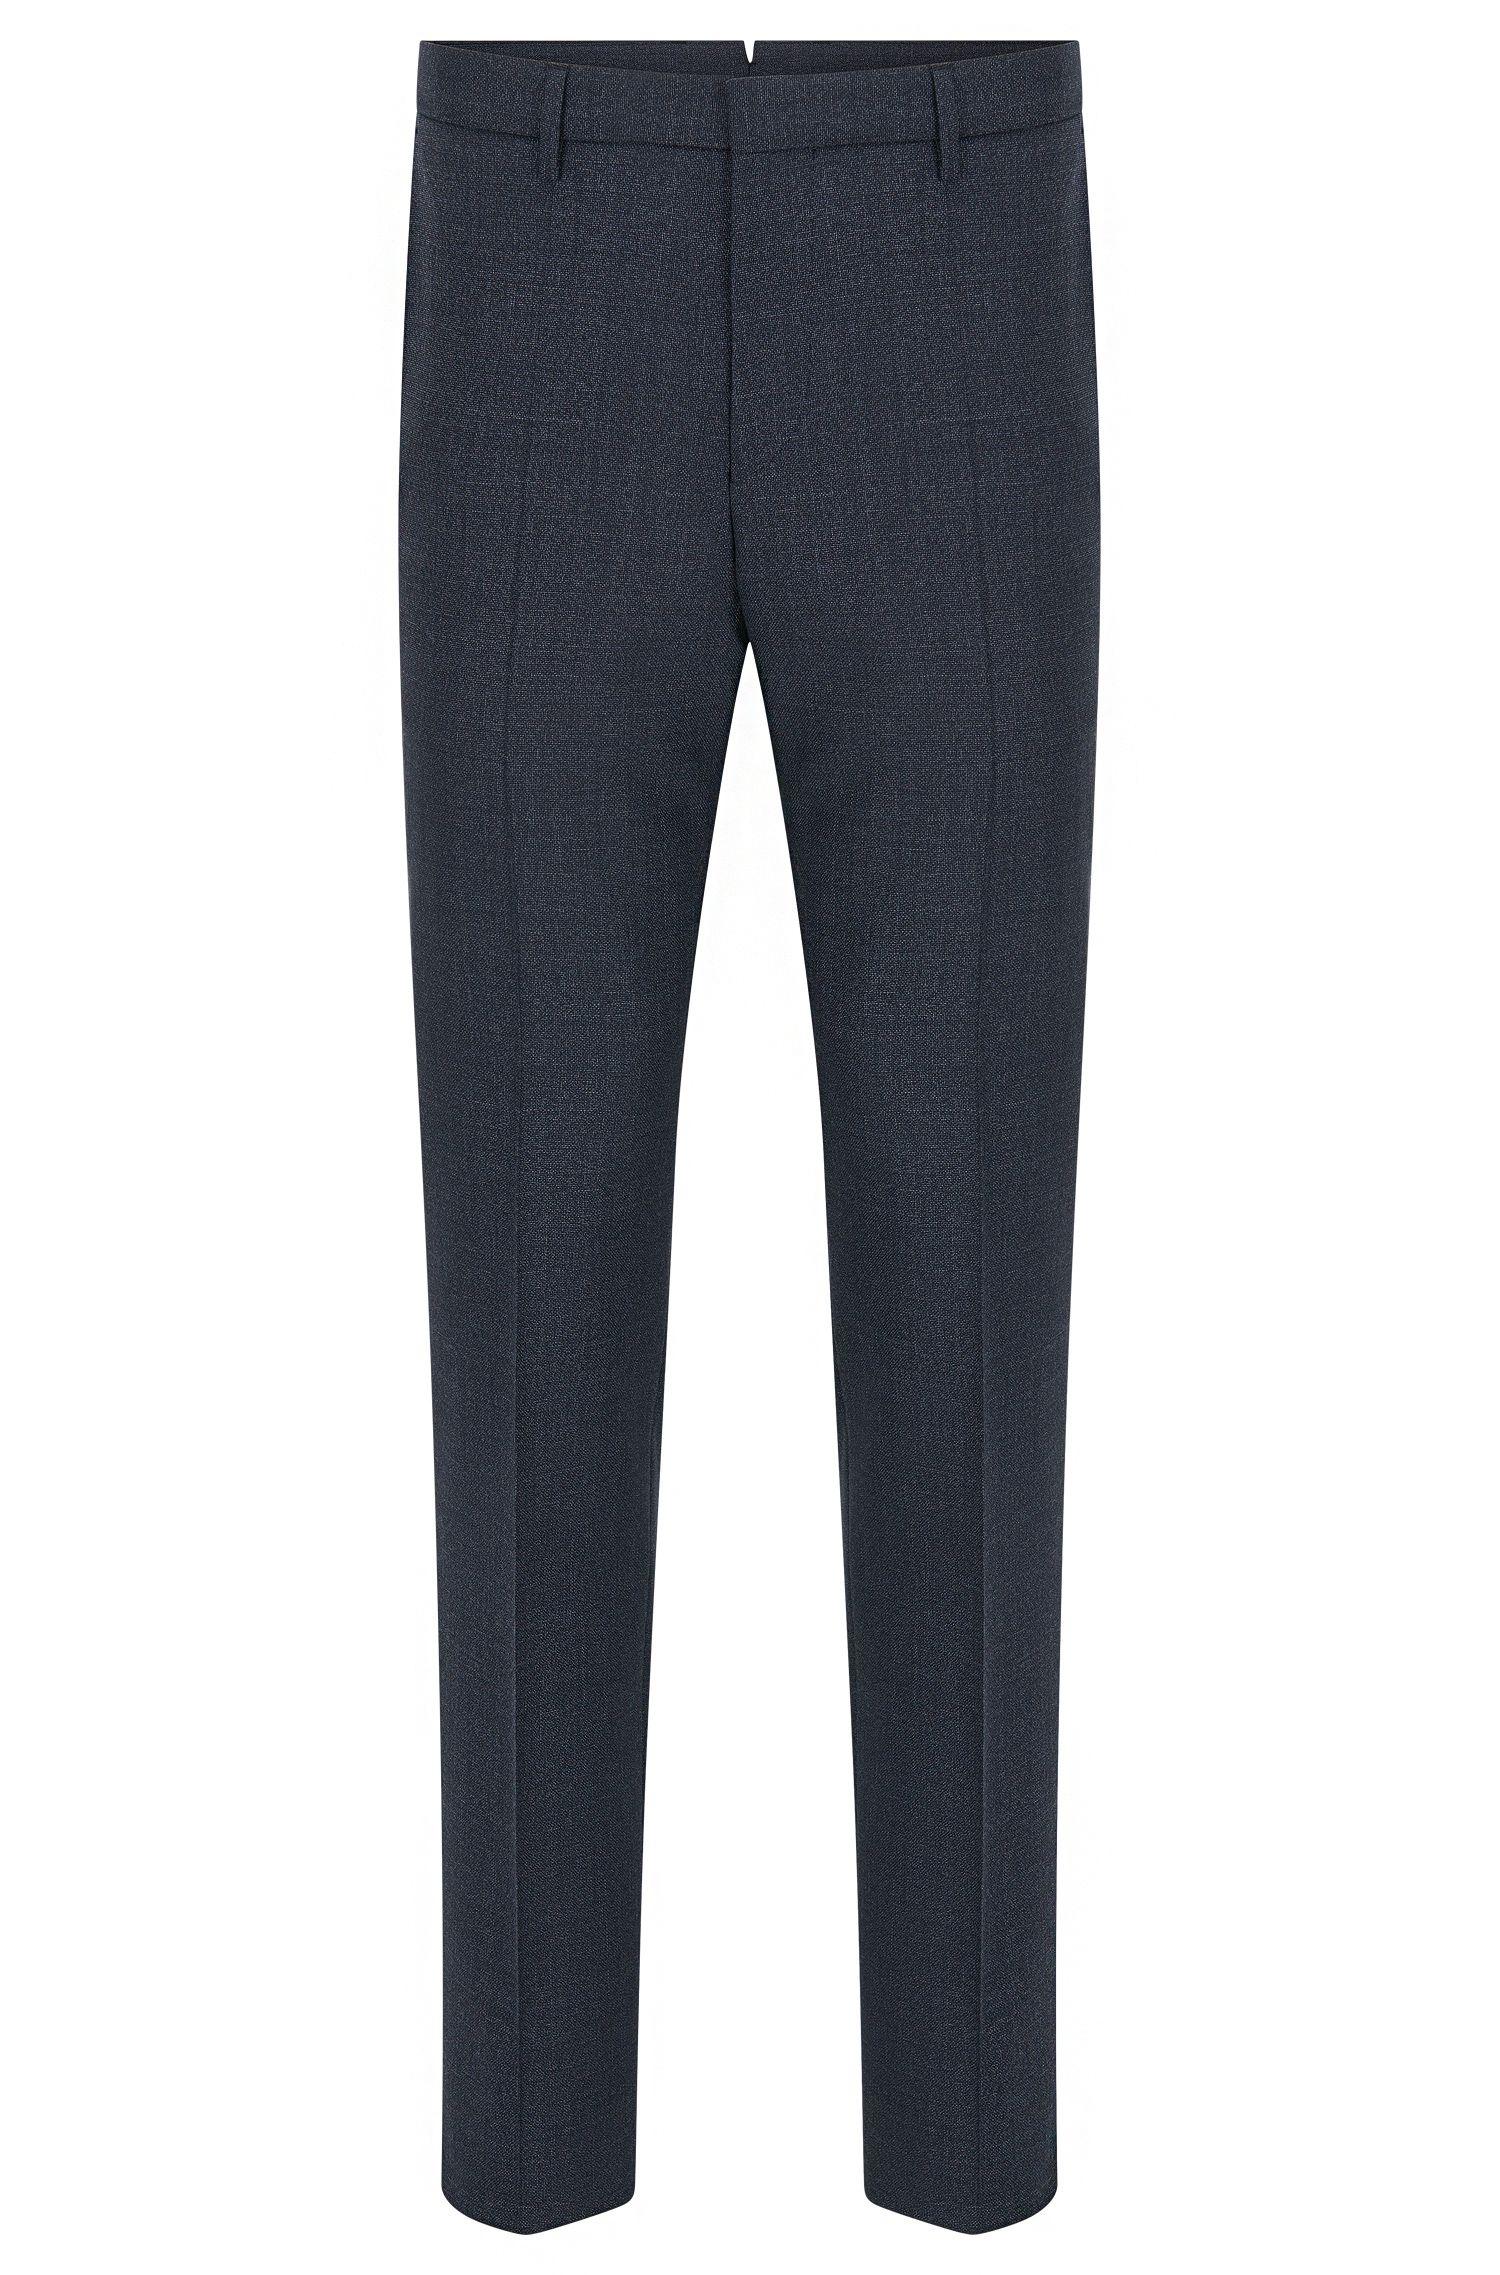 Virgin Wool Dress Pant, Slim Fit | T-Bloom